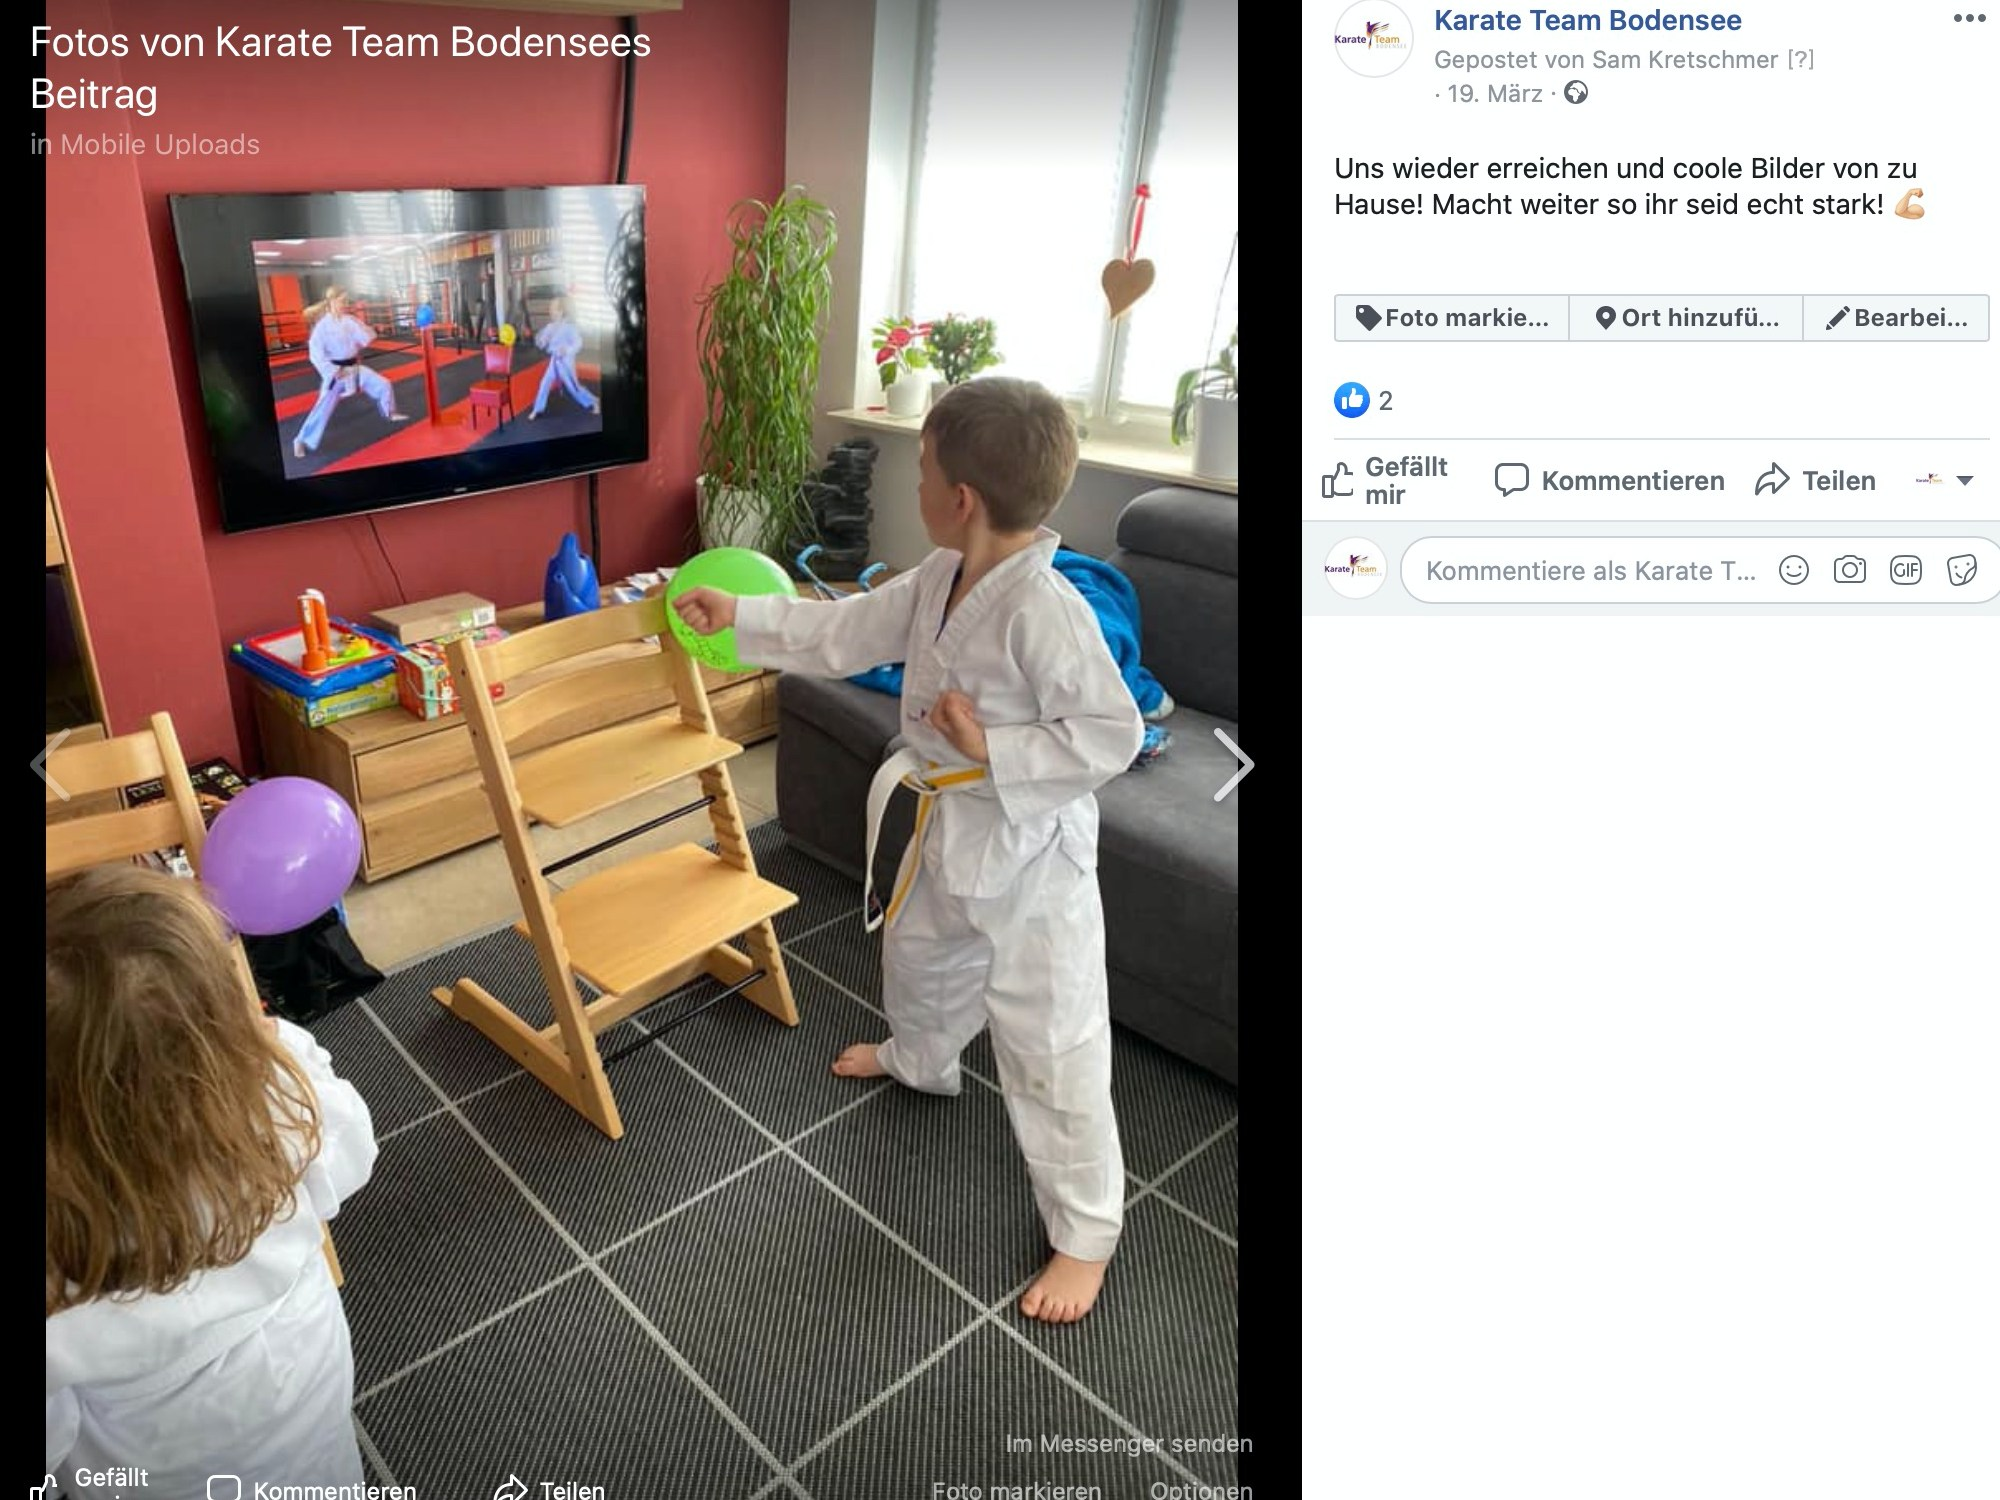 Feedback auf der Facebookseite vom Karate-Team Bodensee; Screenshot Facebook